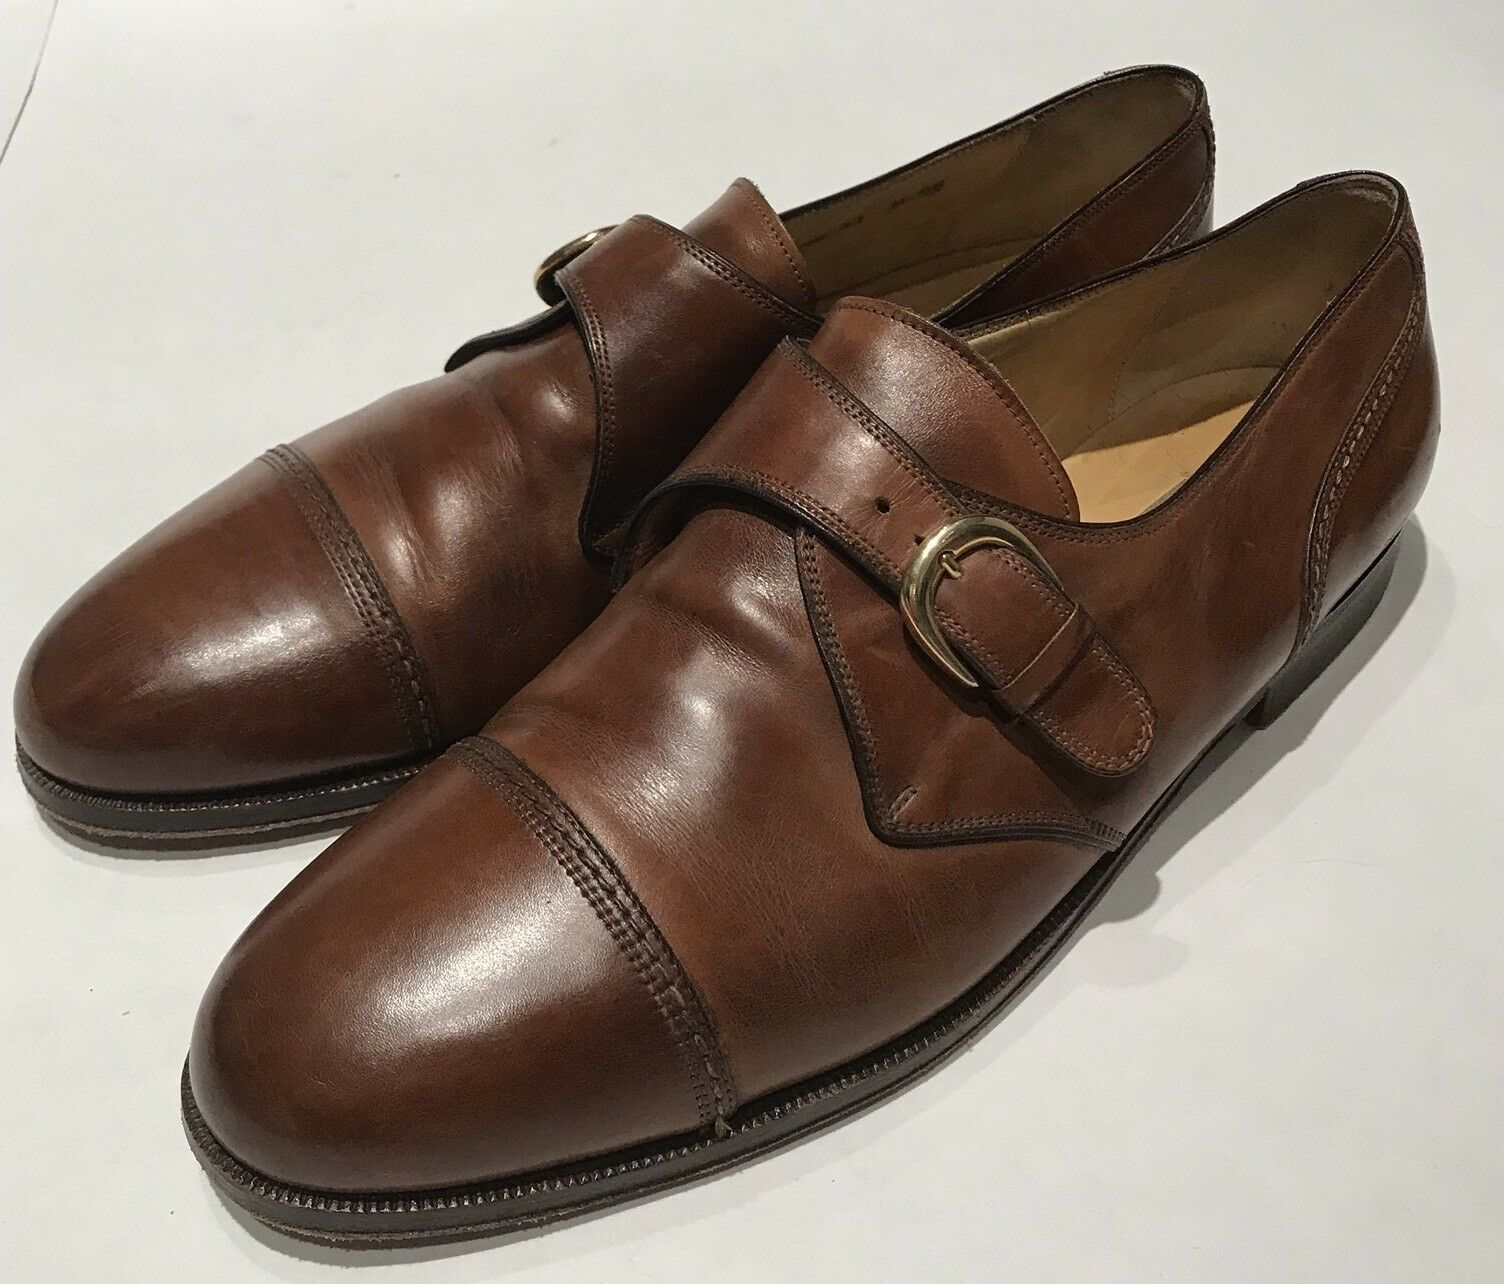 Cole Haan Monk Strap Cap Toe Dress Shoes Brown Pelle Size 11 M Italy VTG